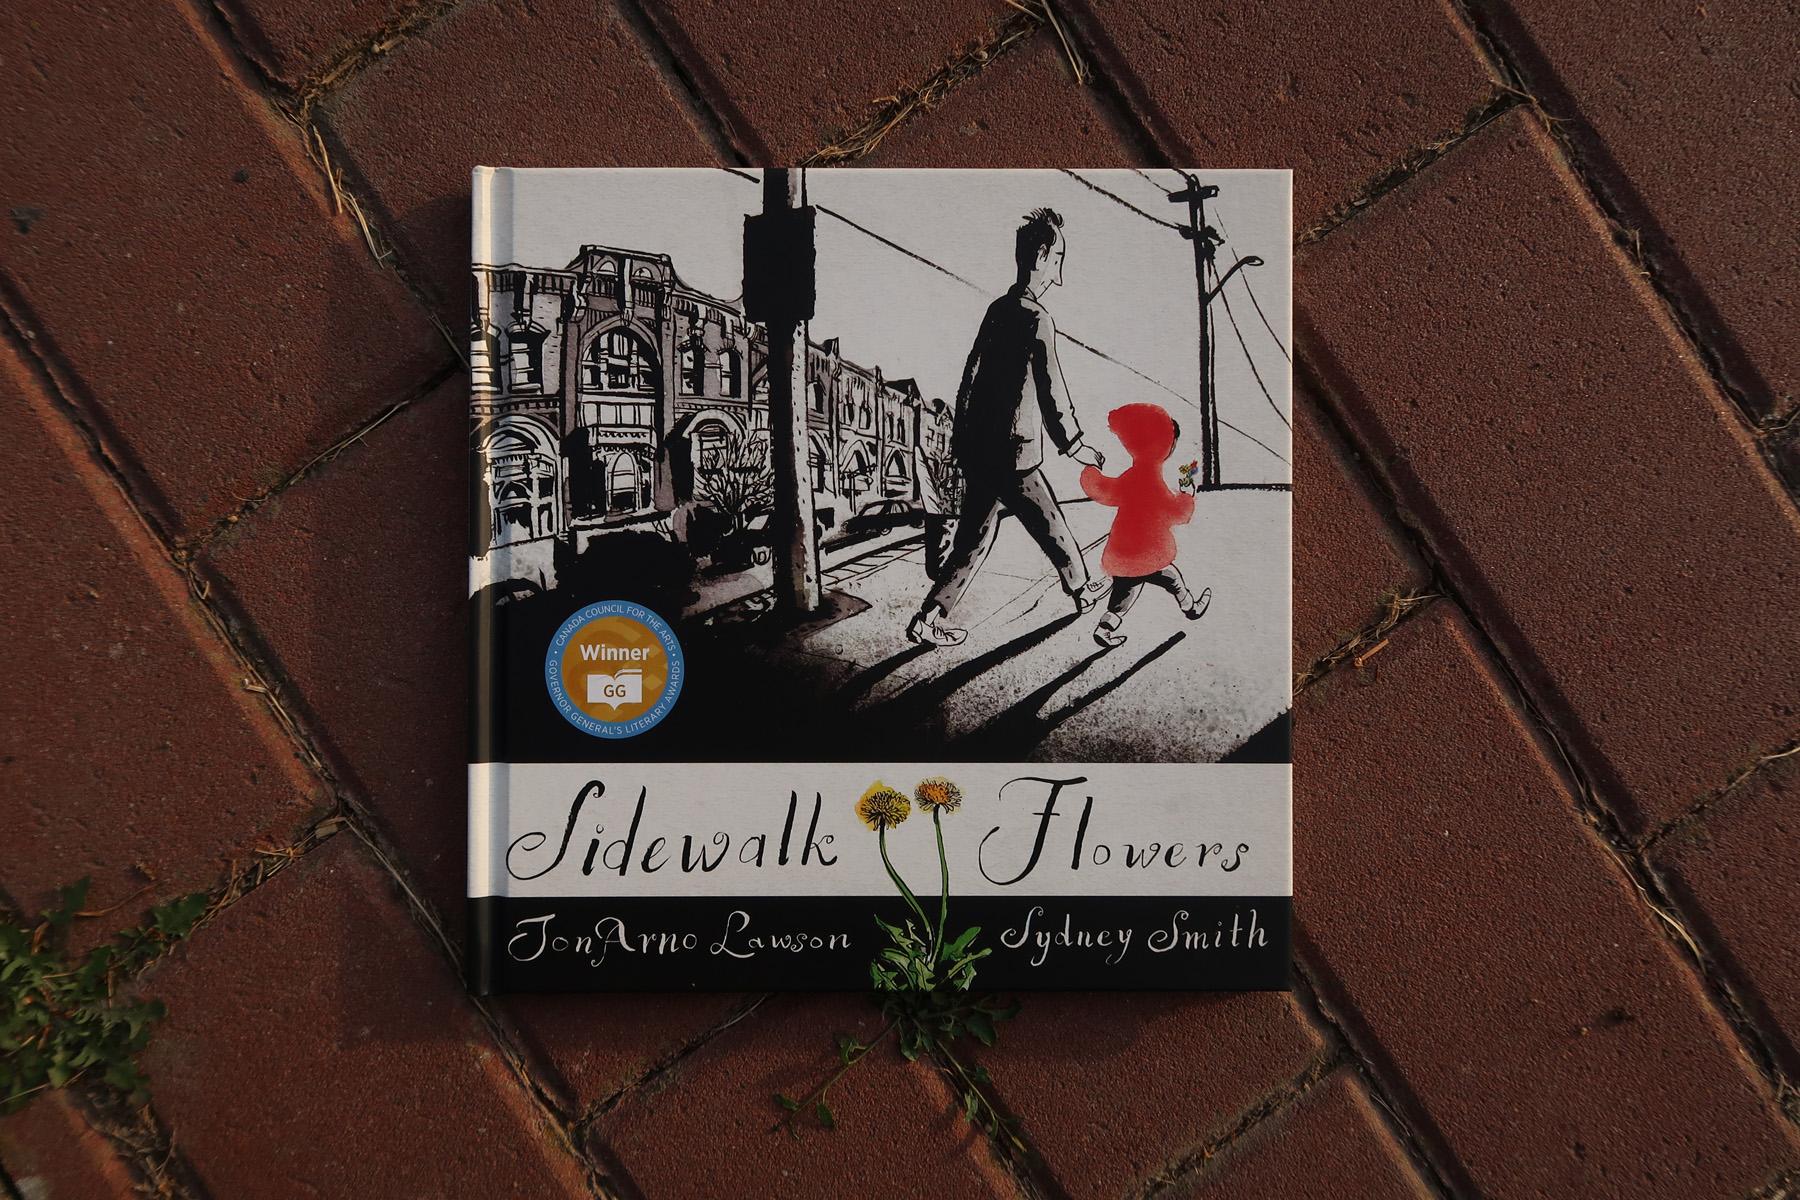 Kytičky z ulice (Sidewalk Flowers)